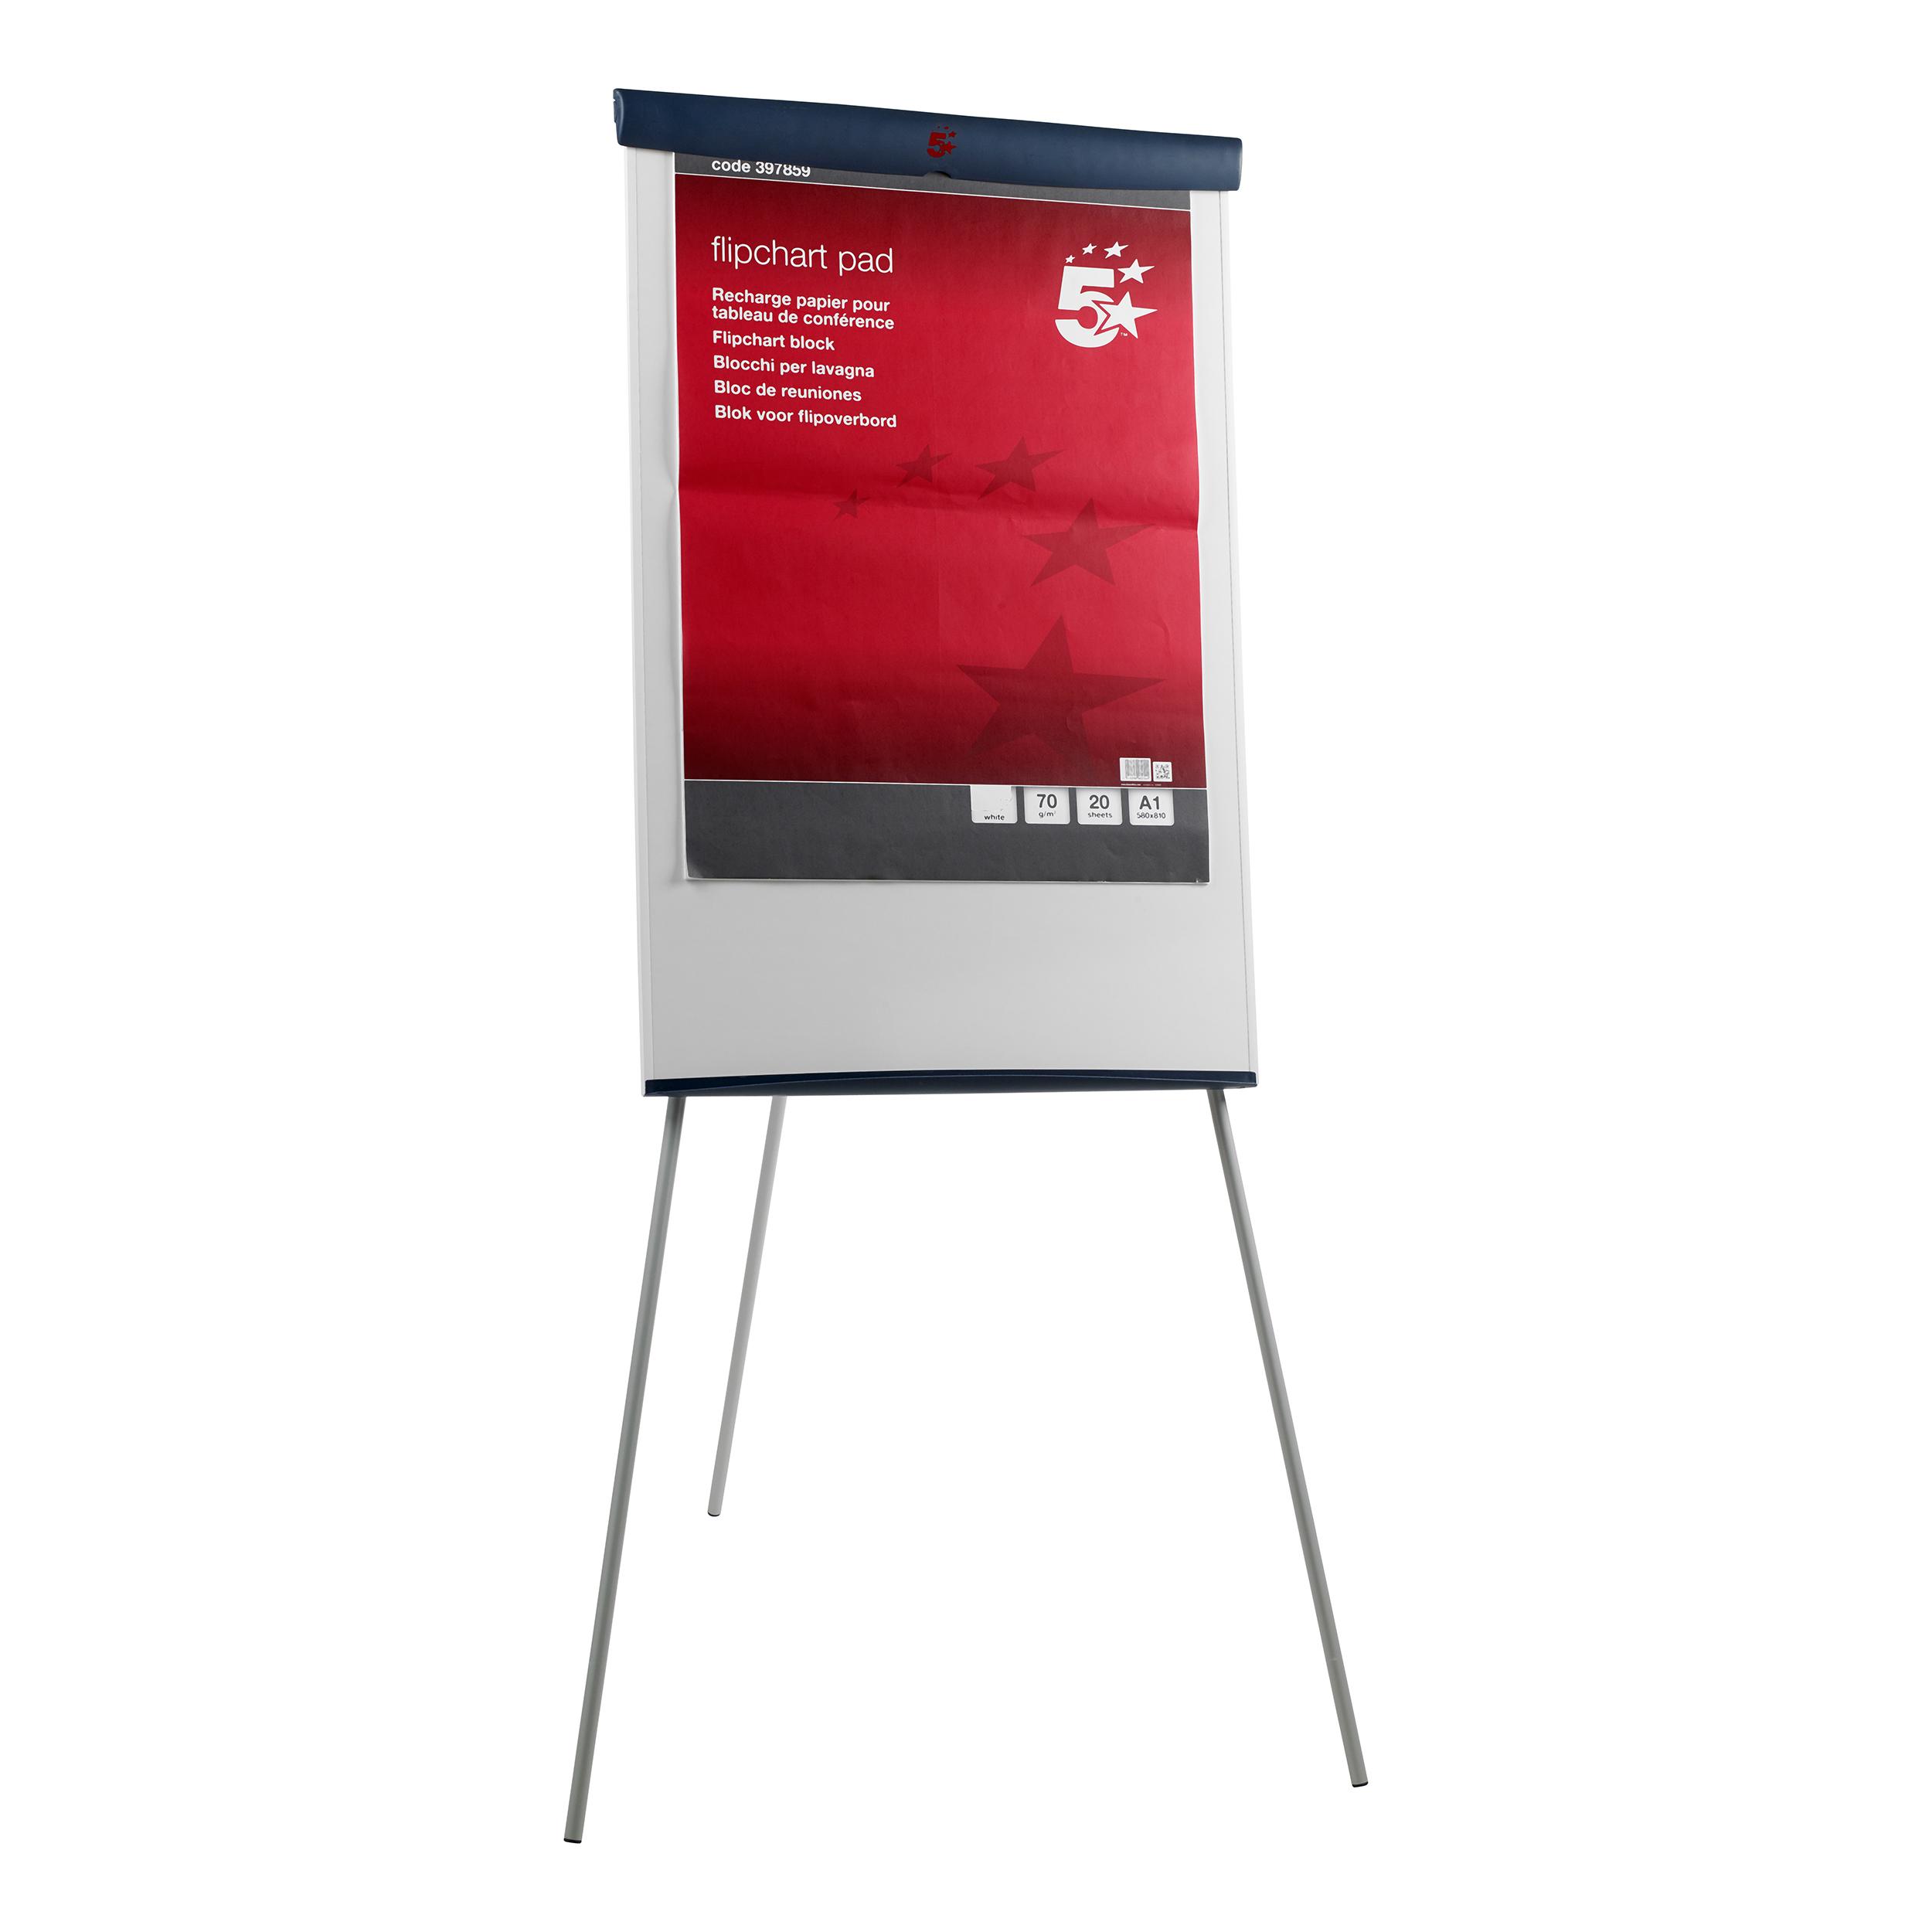 5 Star Office Flipchart Easel with W670xH990mm Board W700xD82xH1900mm Blue Trim